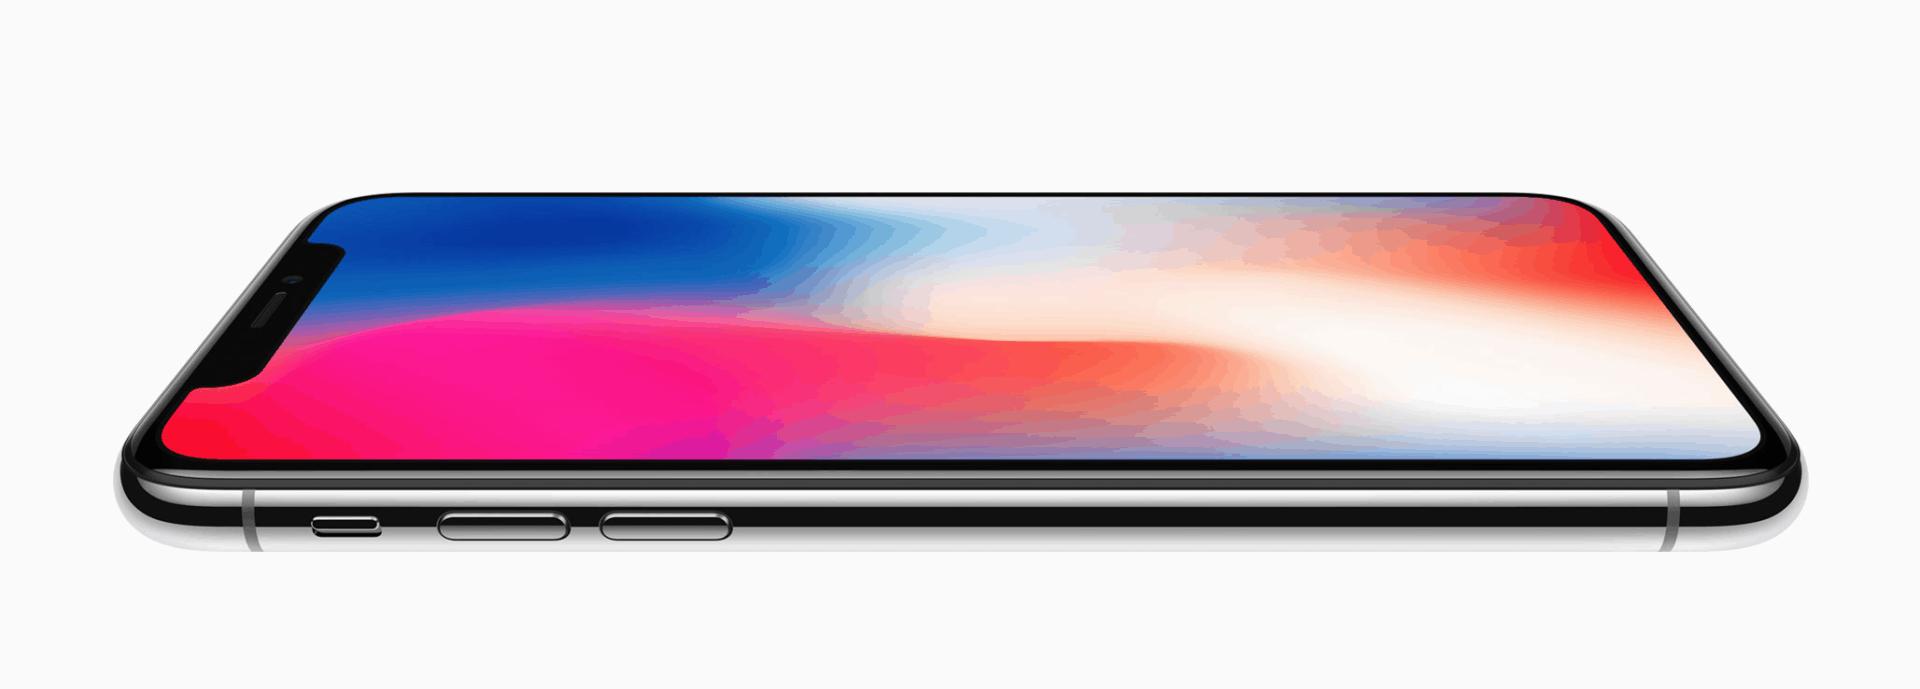 Vše je tak trochu jinak, nový iPhone ponese jméno iPhone X